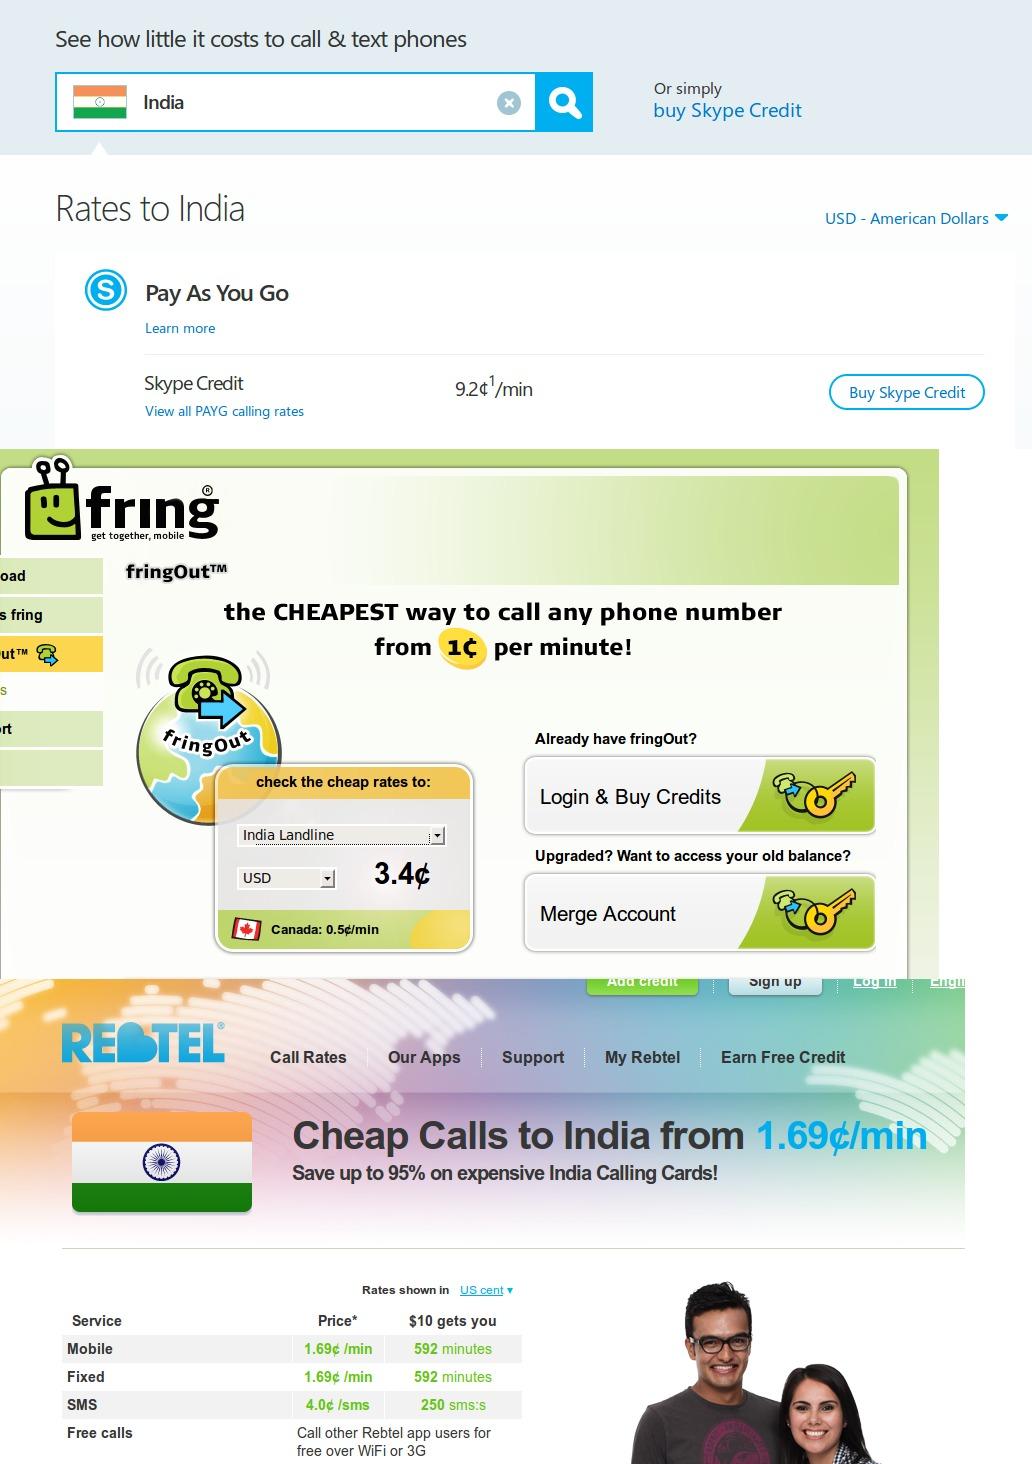 http://evuraan.info/screenshots/images/skype_vs_fring_vs_rebtel.jpg